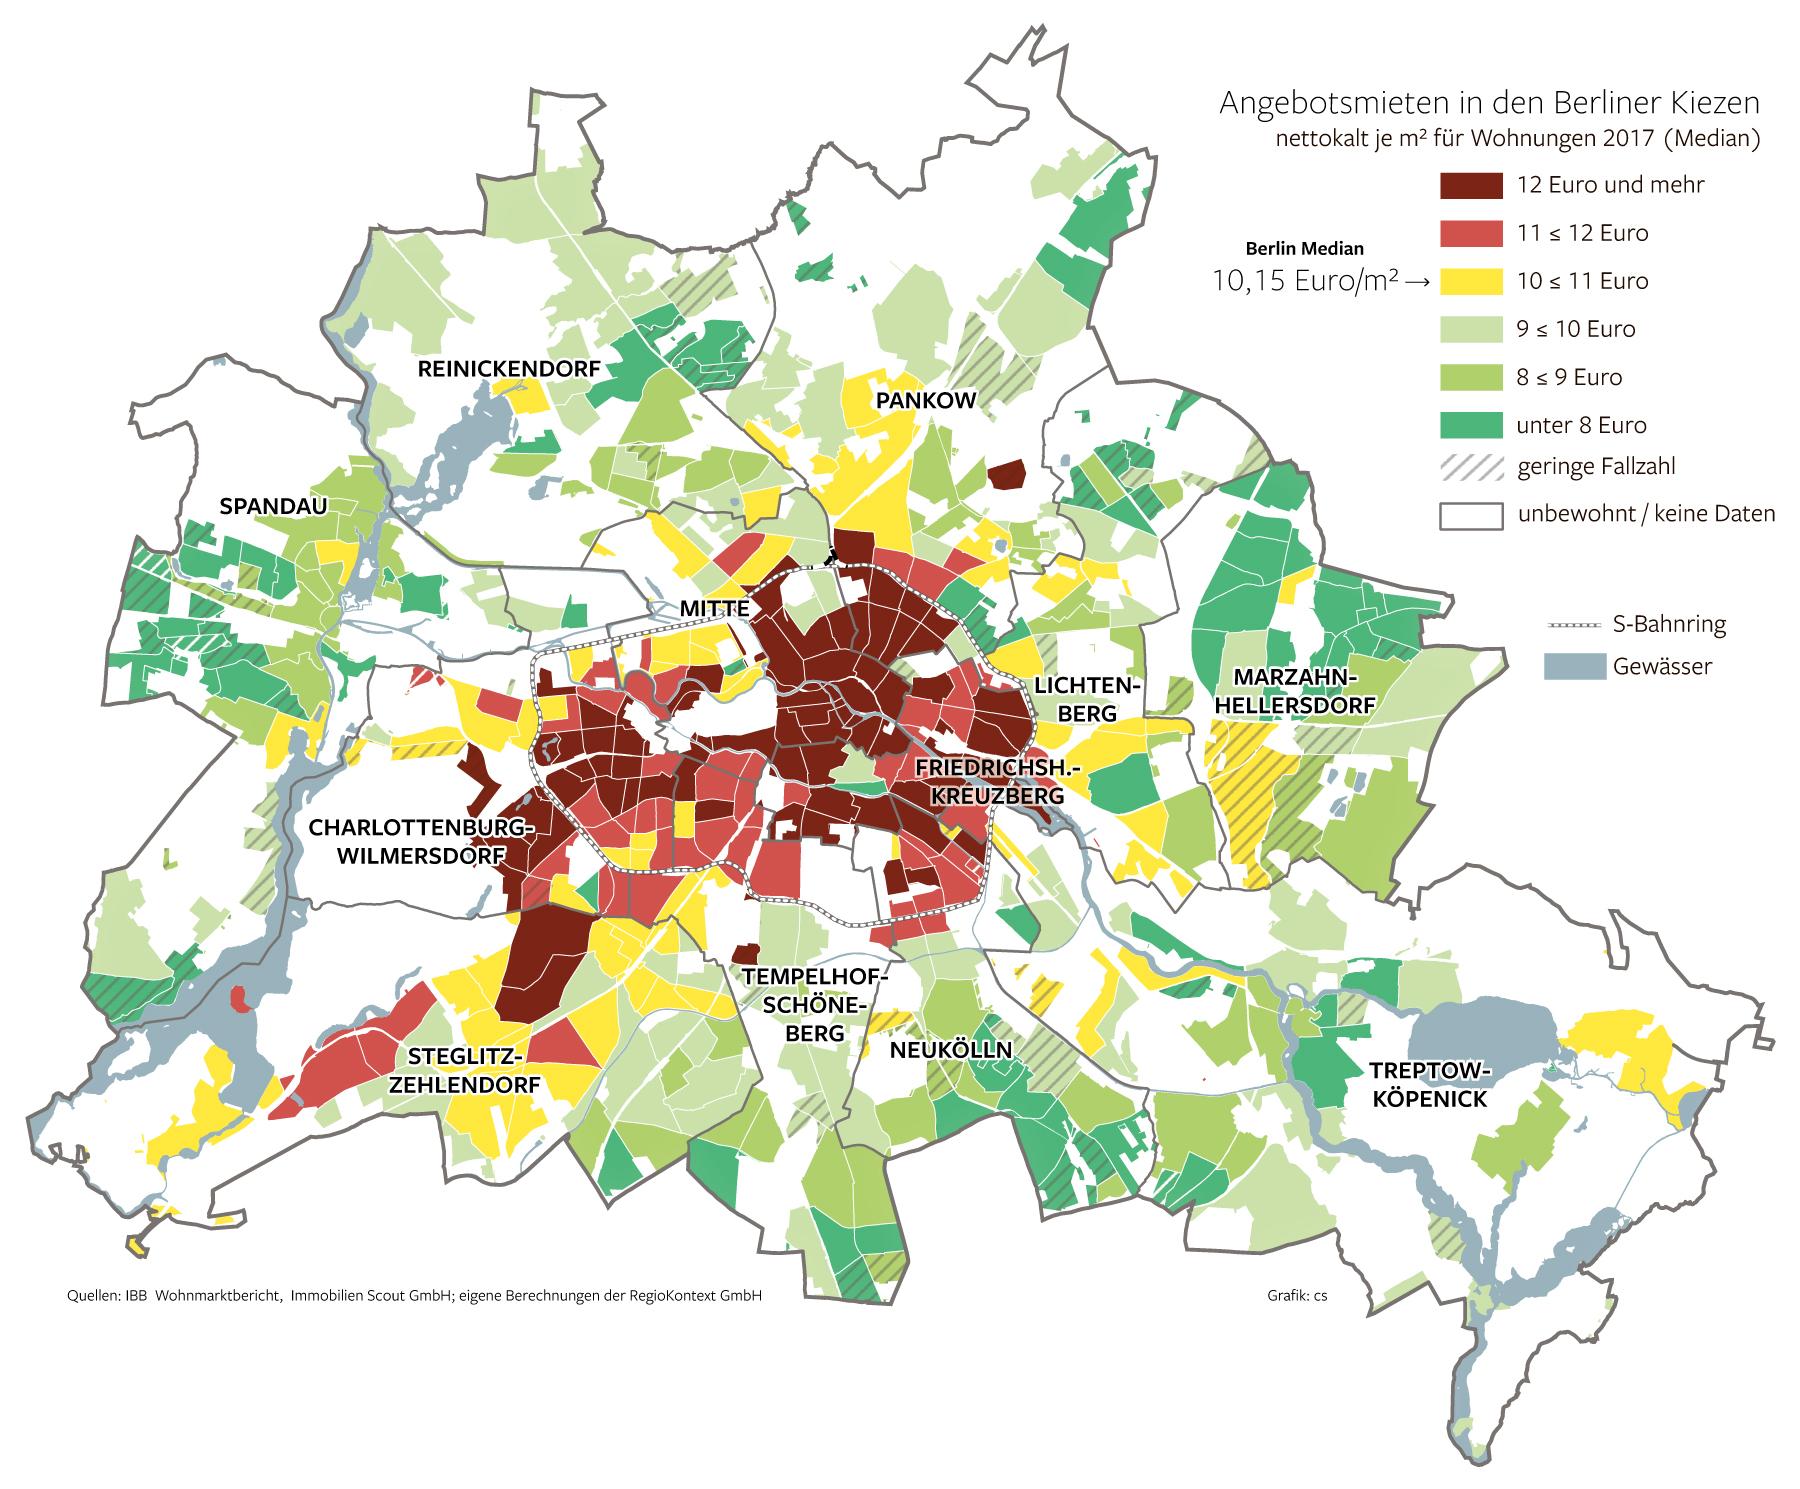 Geografische Karte zeigt die unterschiedlichen Mietpreise in Berlin